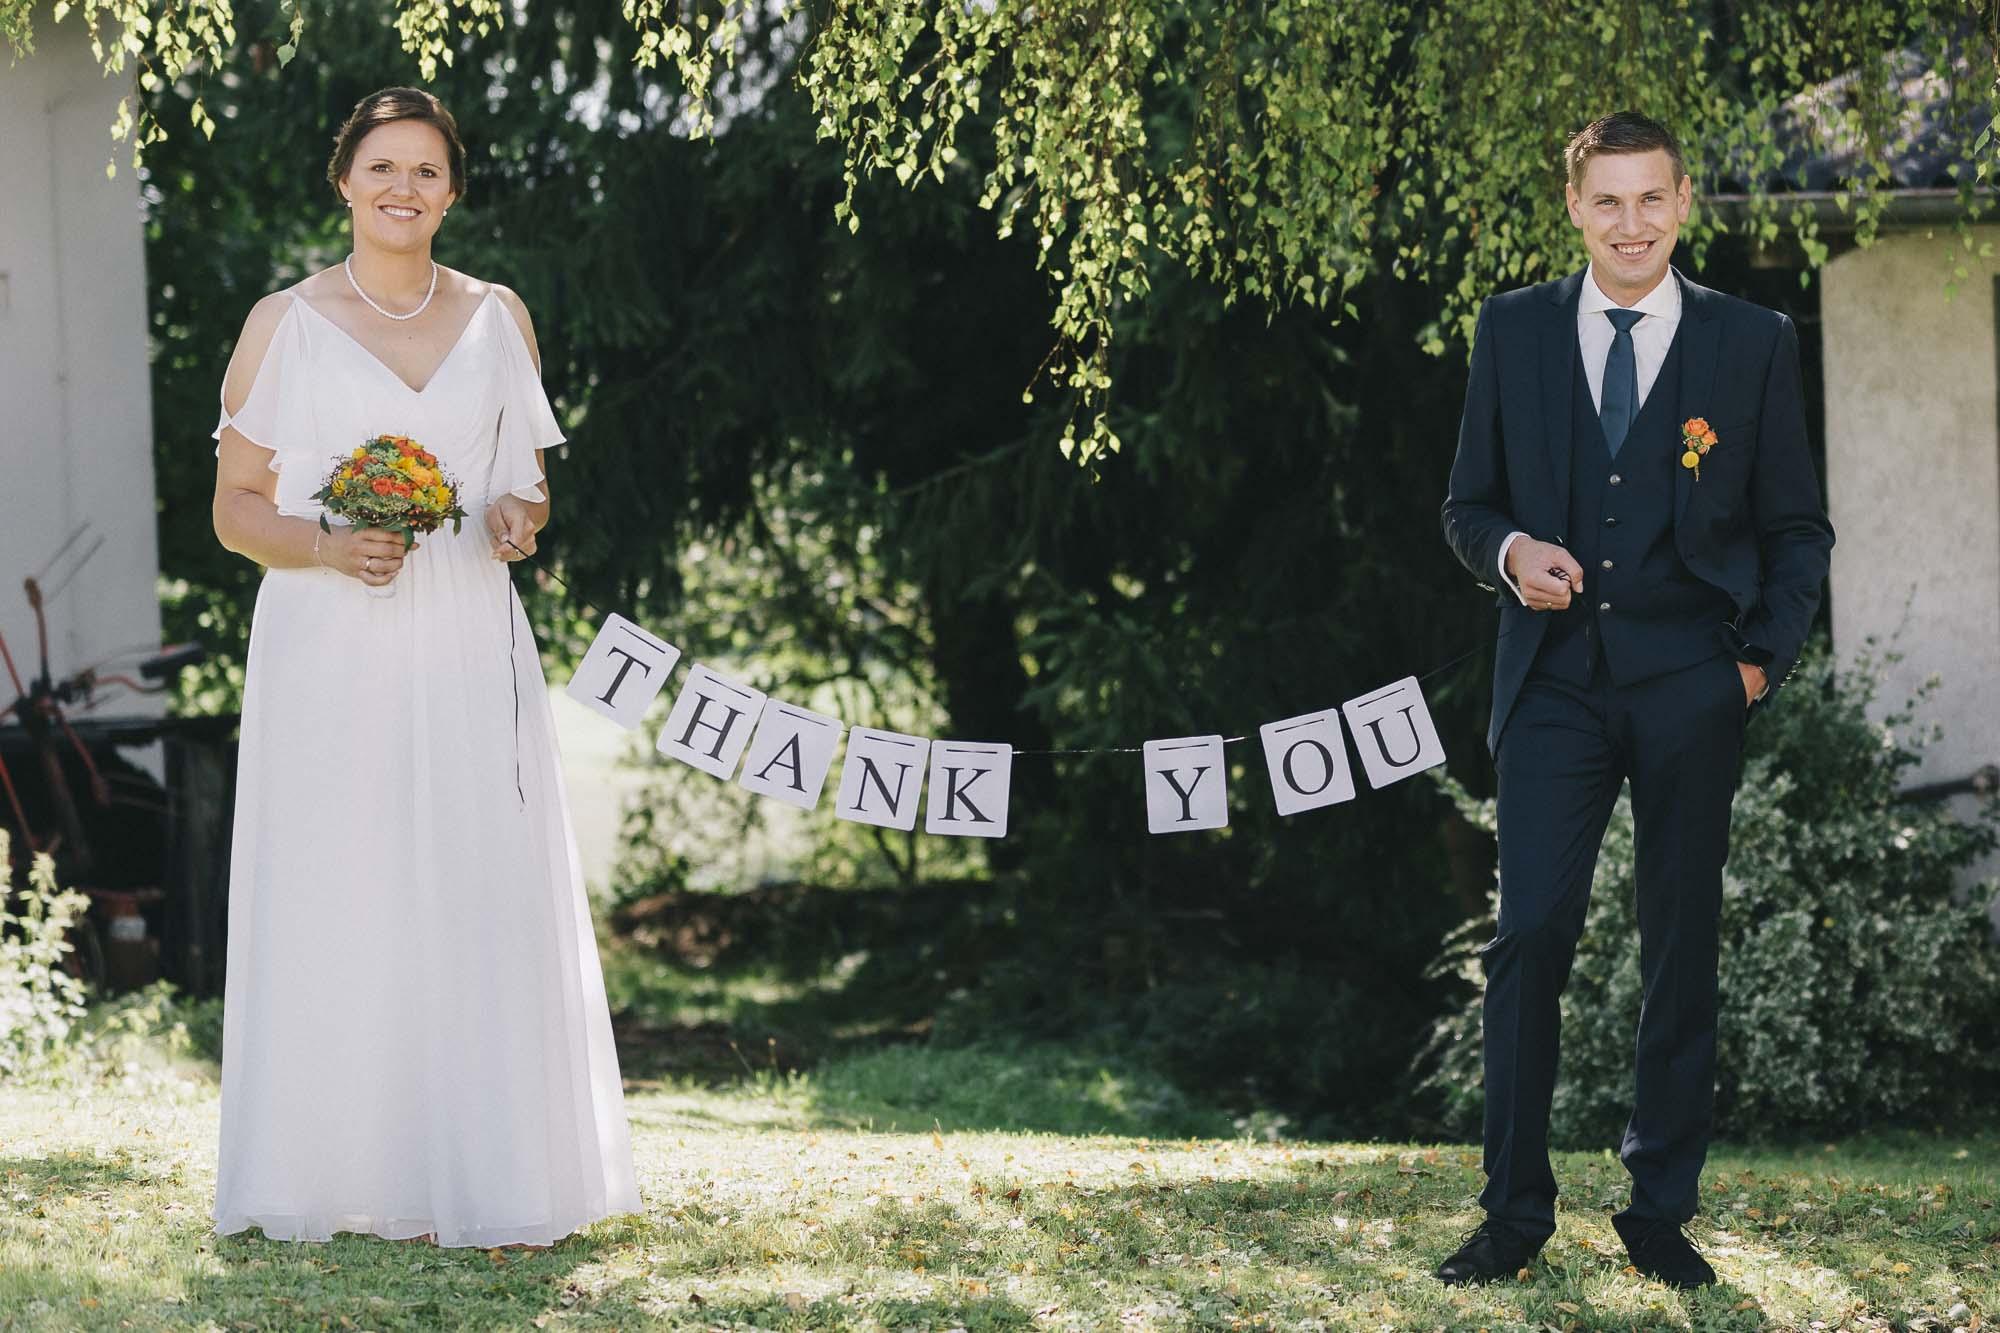 Hochzeitsreportage-Crailsheim-Krystina-Stefan-25